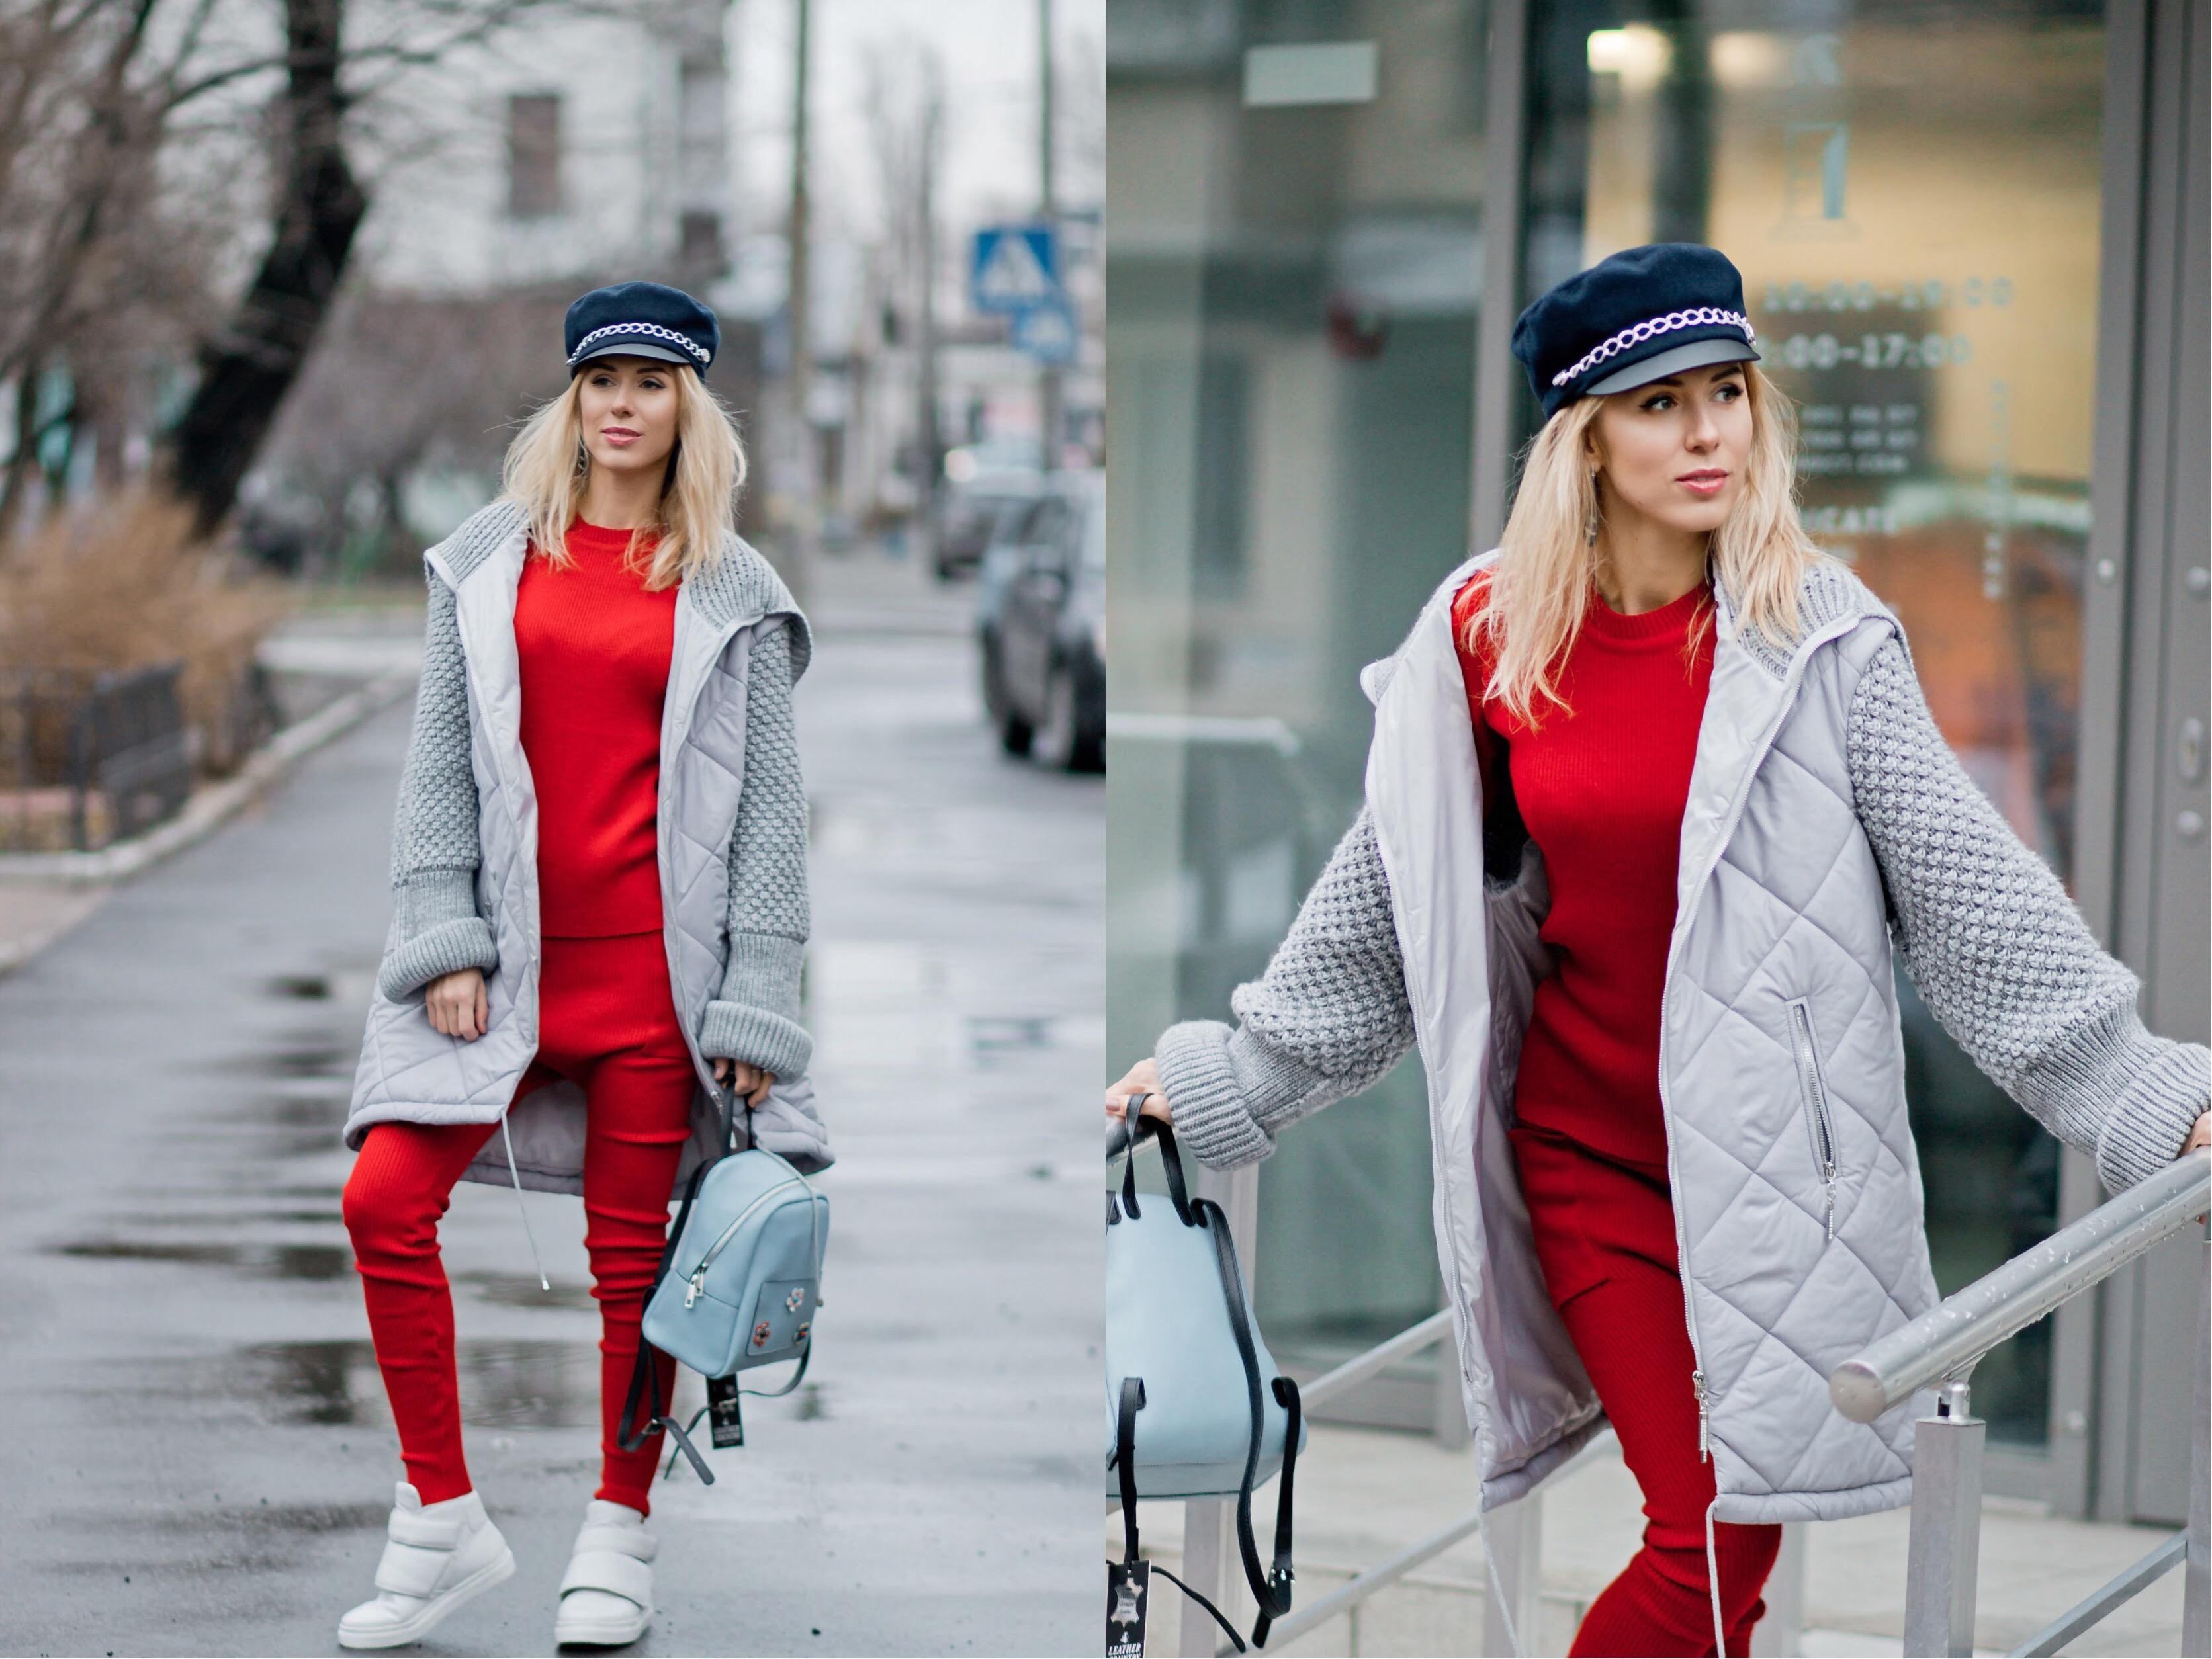 Консультация стилиста в Киеве, услуги стилиста, разбор и анализ гардероба в Киеве, Шоурум украинских дизайнеров